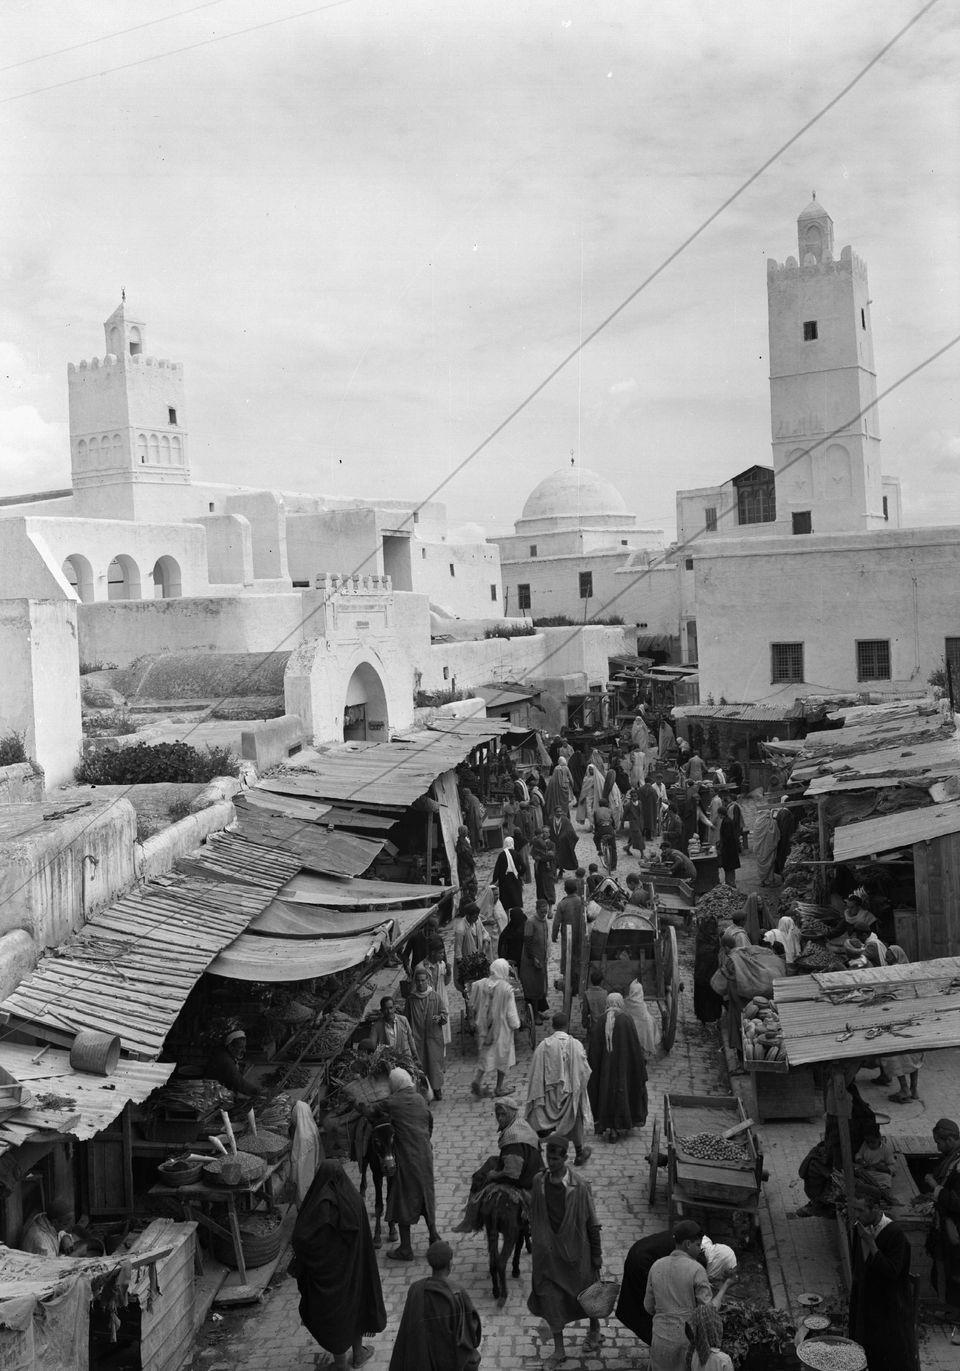 La rue principale de Kairouan en